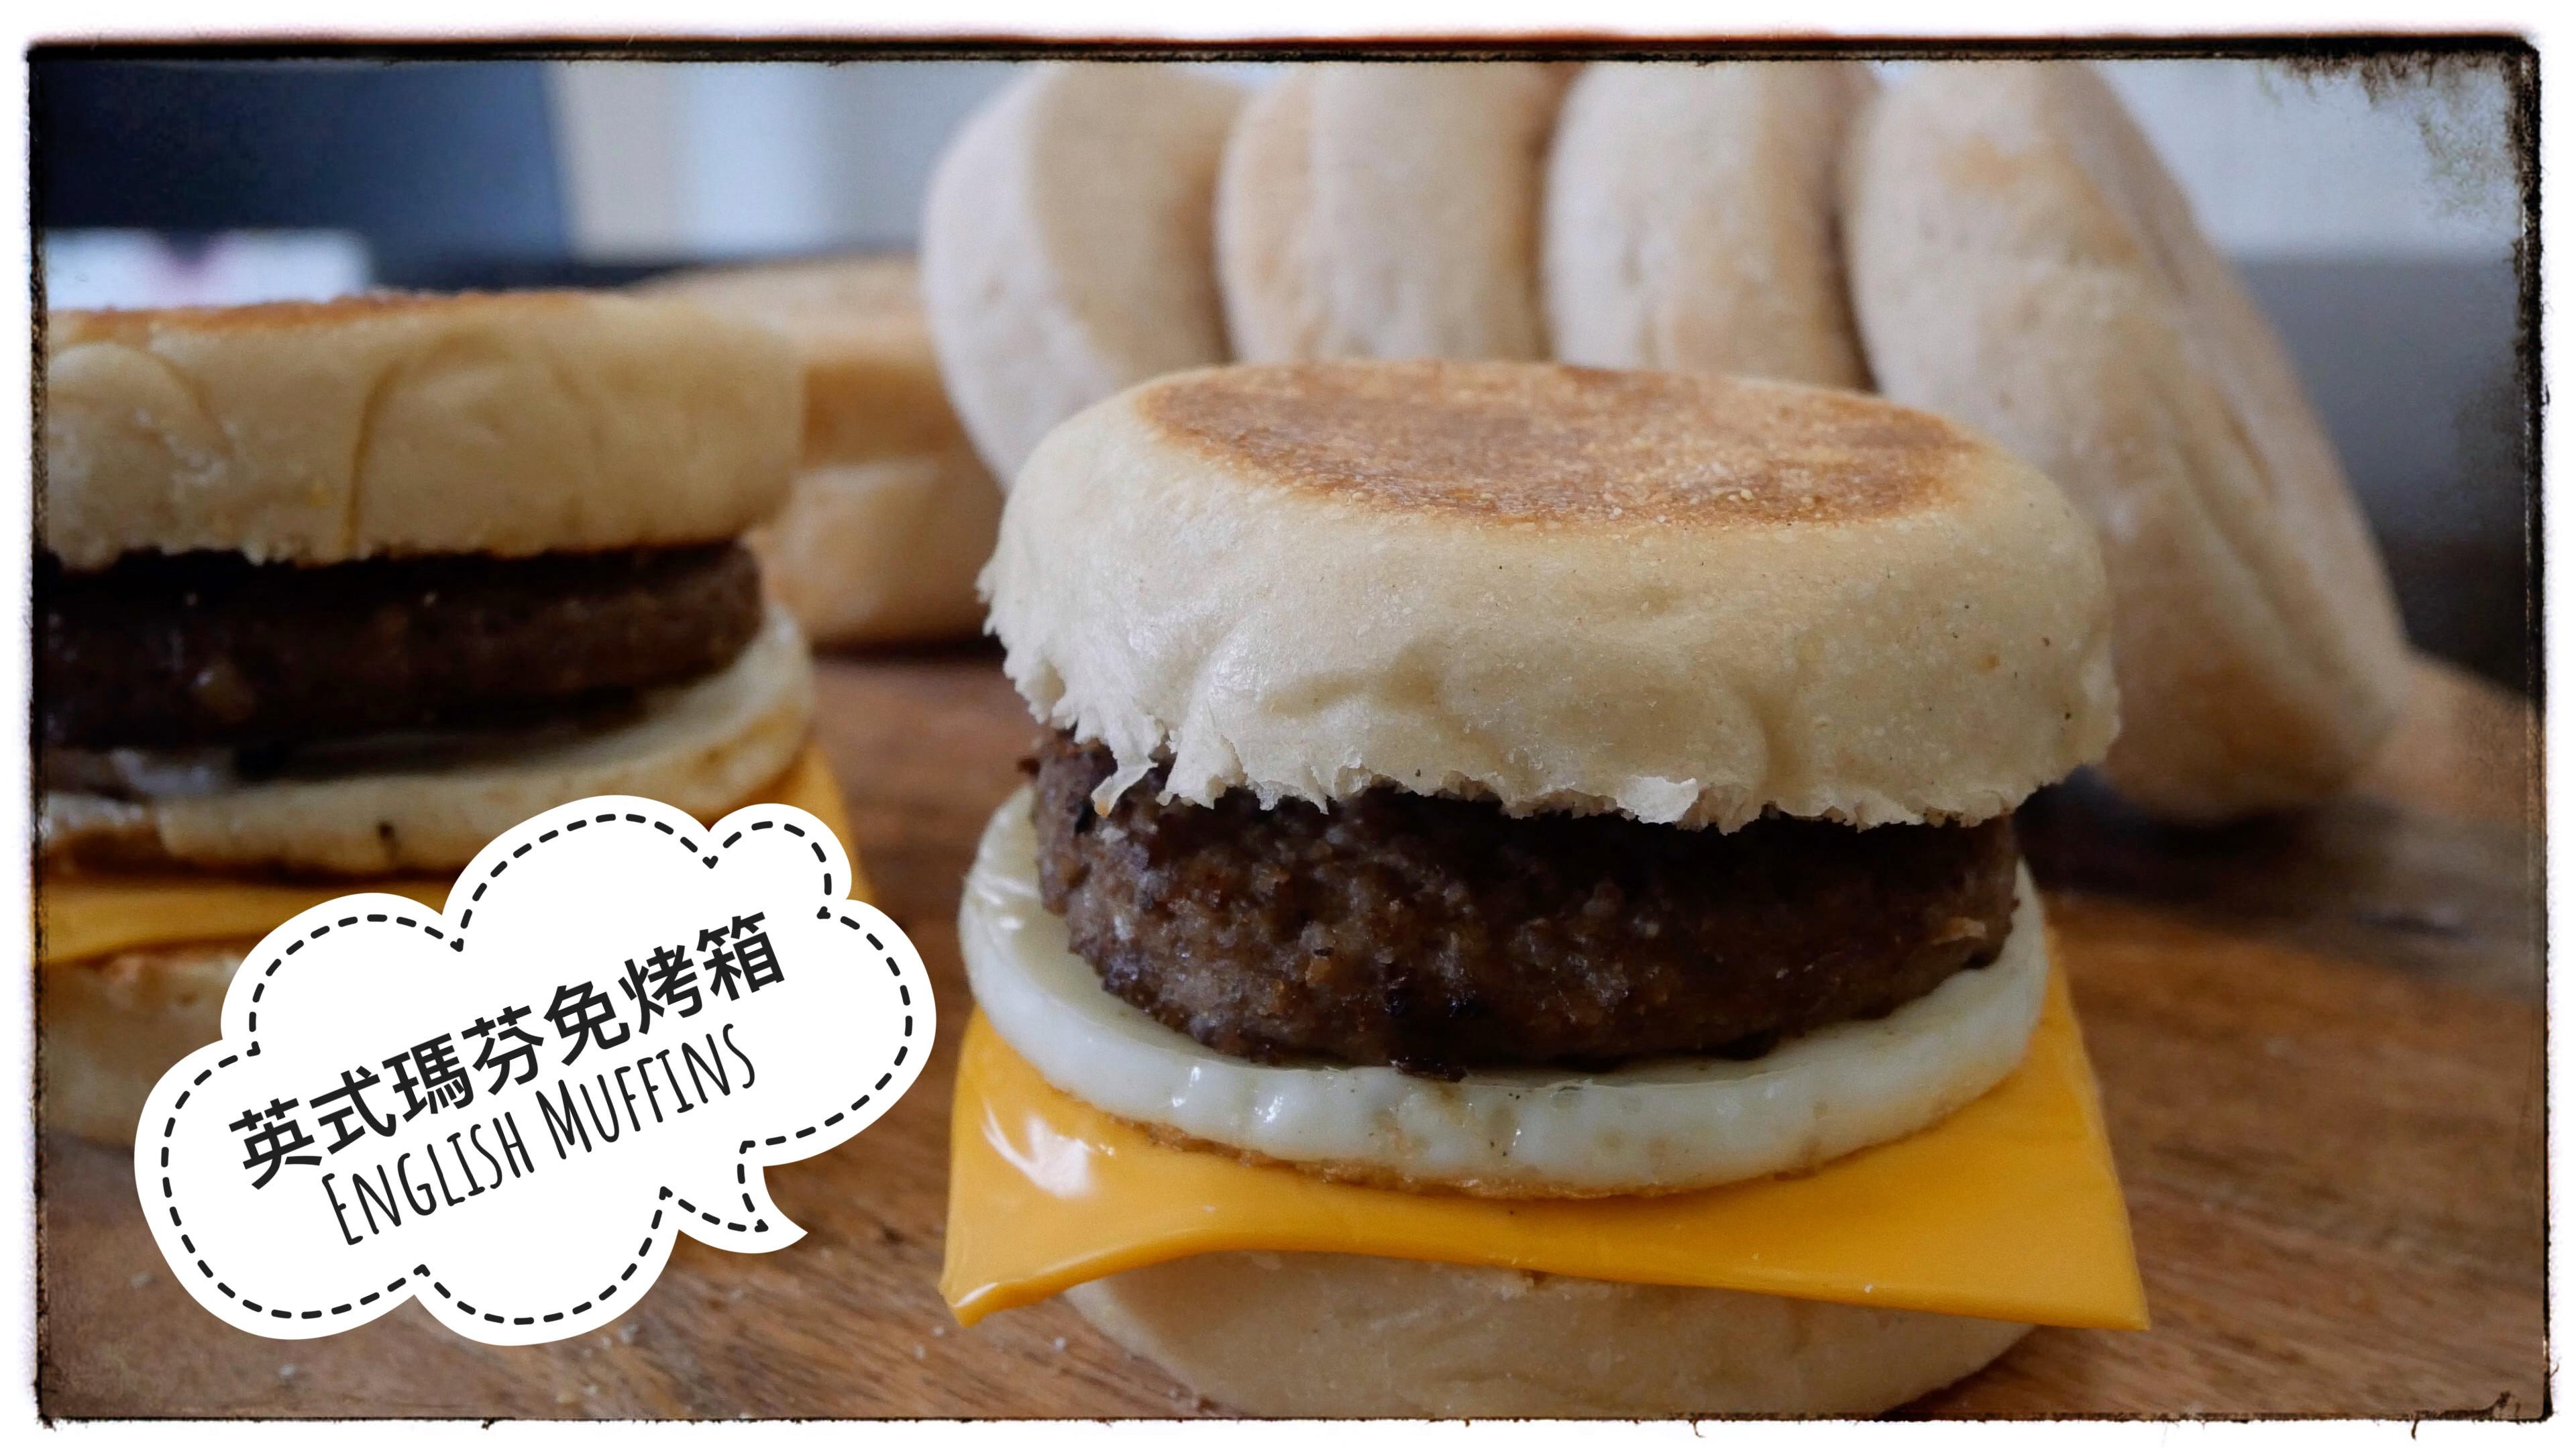 英式瑪芬/滿福堡~簡單,快速,免烤箱